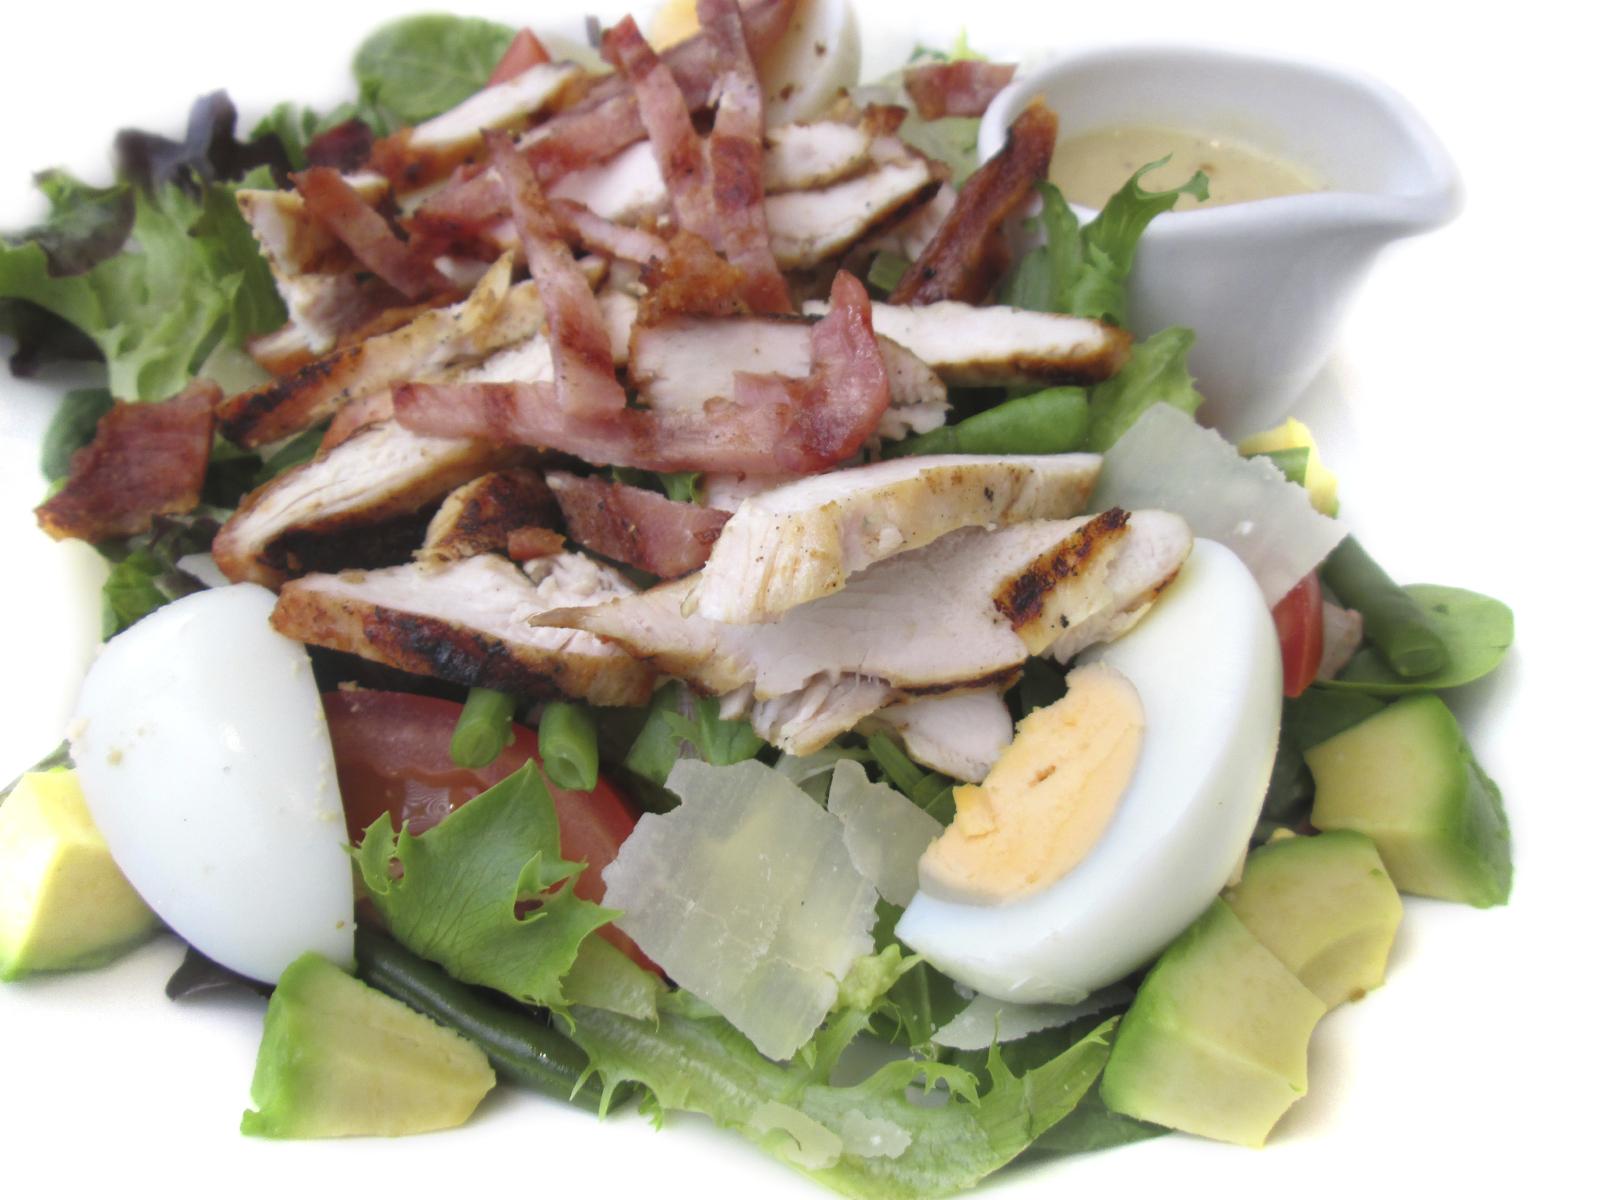 Ensalada de pollo y bacon con aguacate